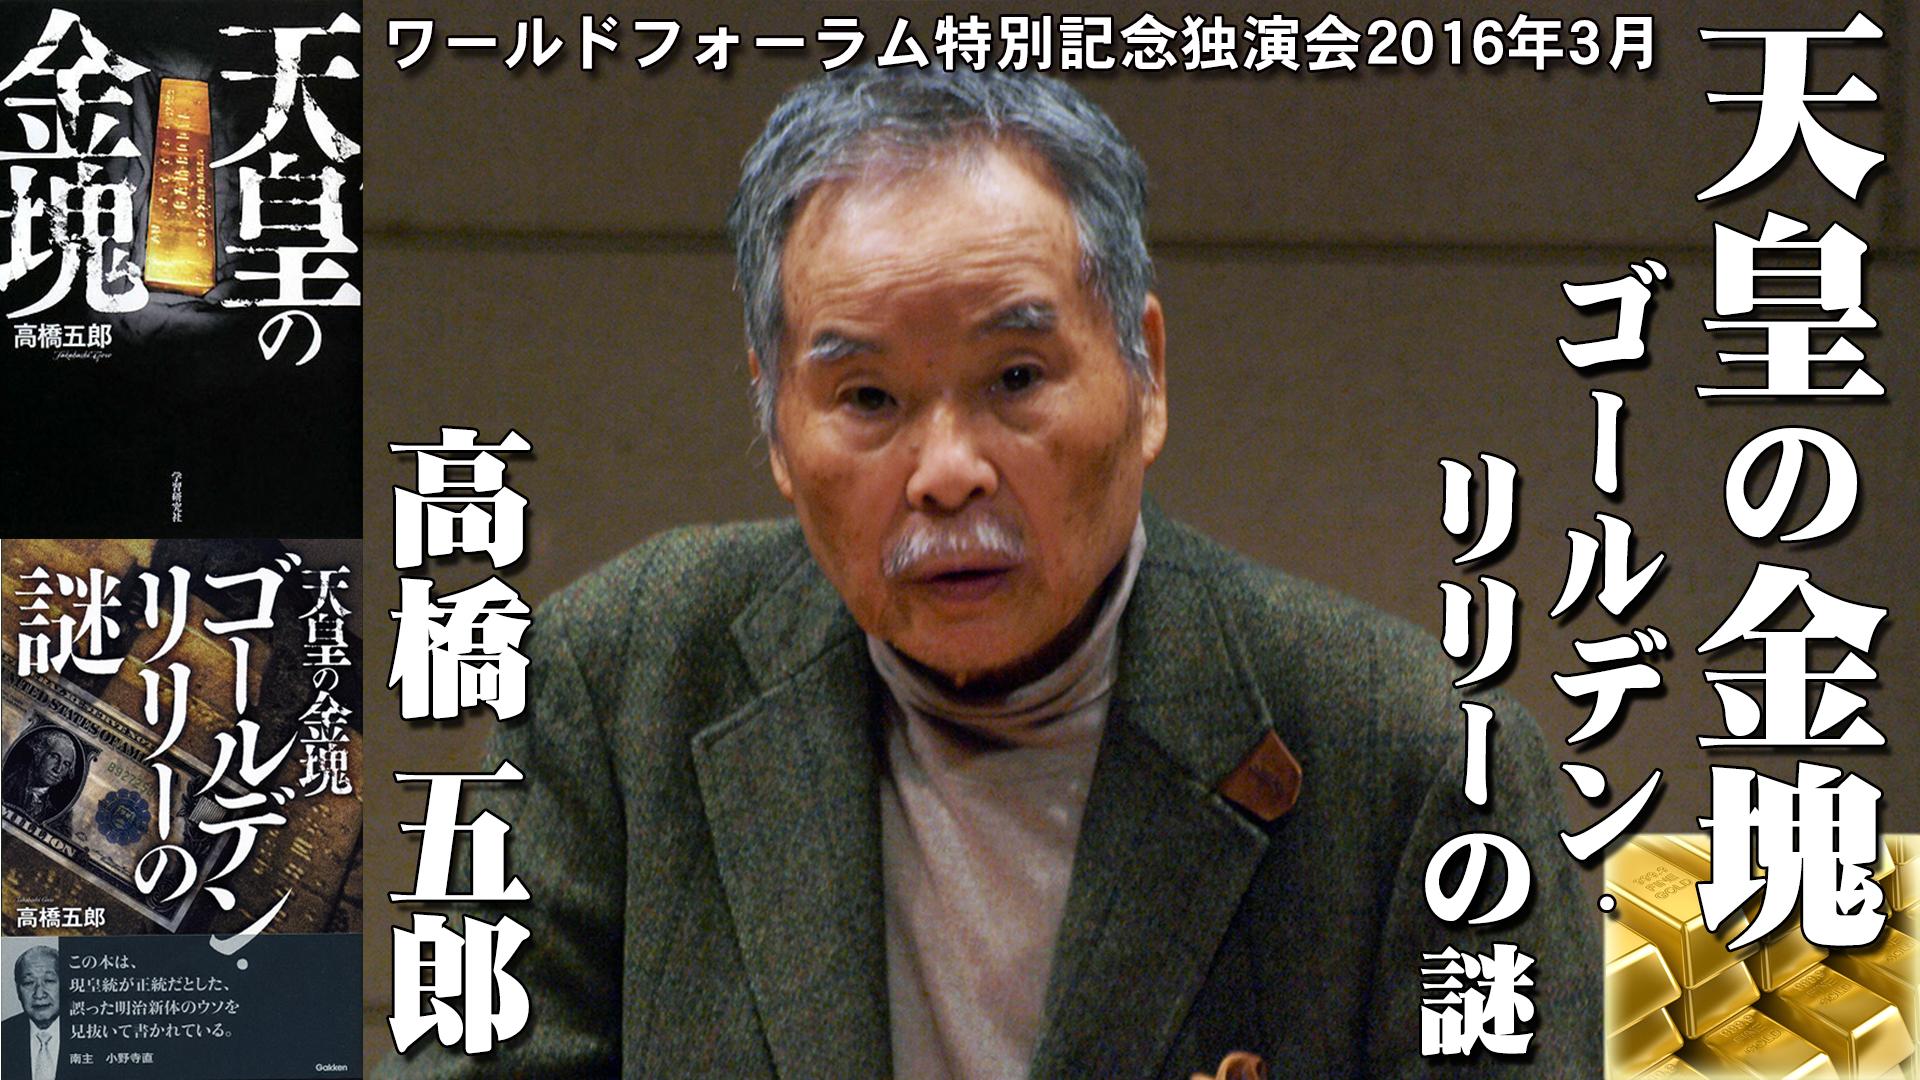 高橋五郎『天皇の金塊 ゴールデン・リリーの謎』ワールドフォーラム特別記念独演会2016年3月